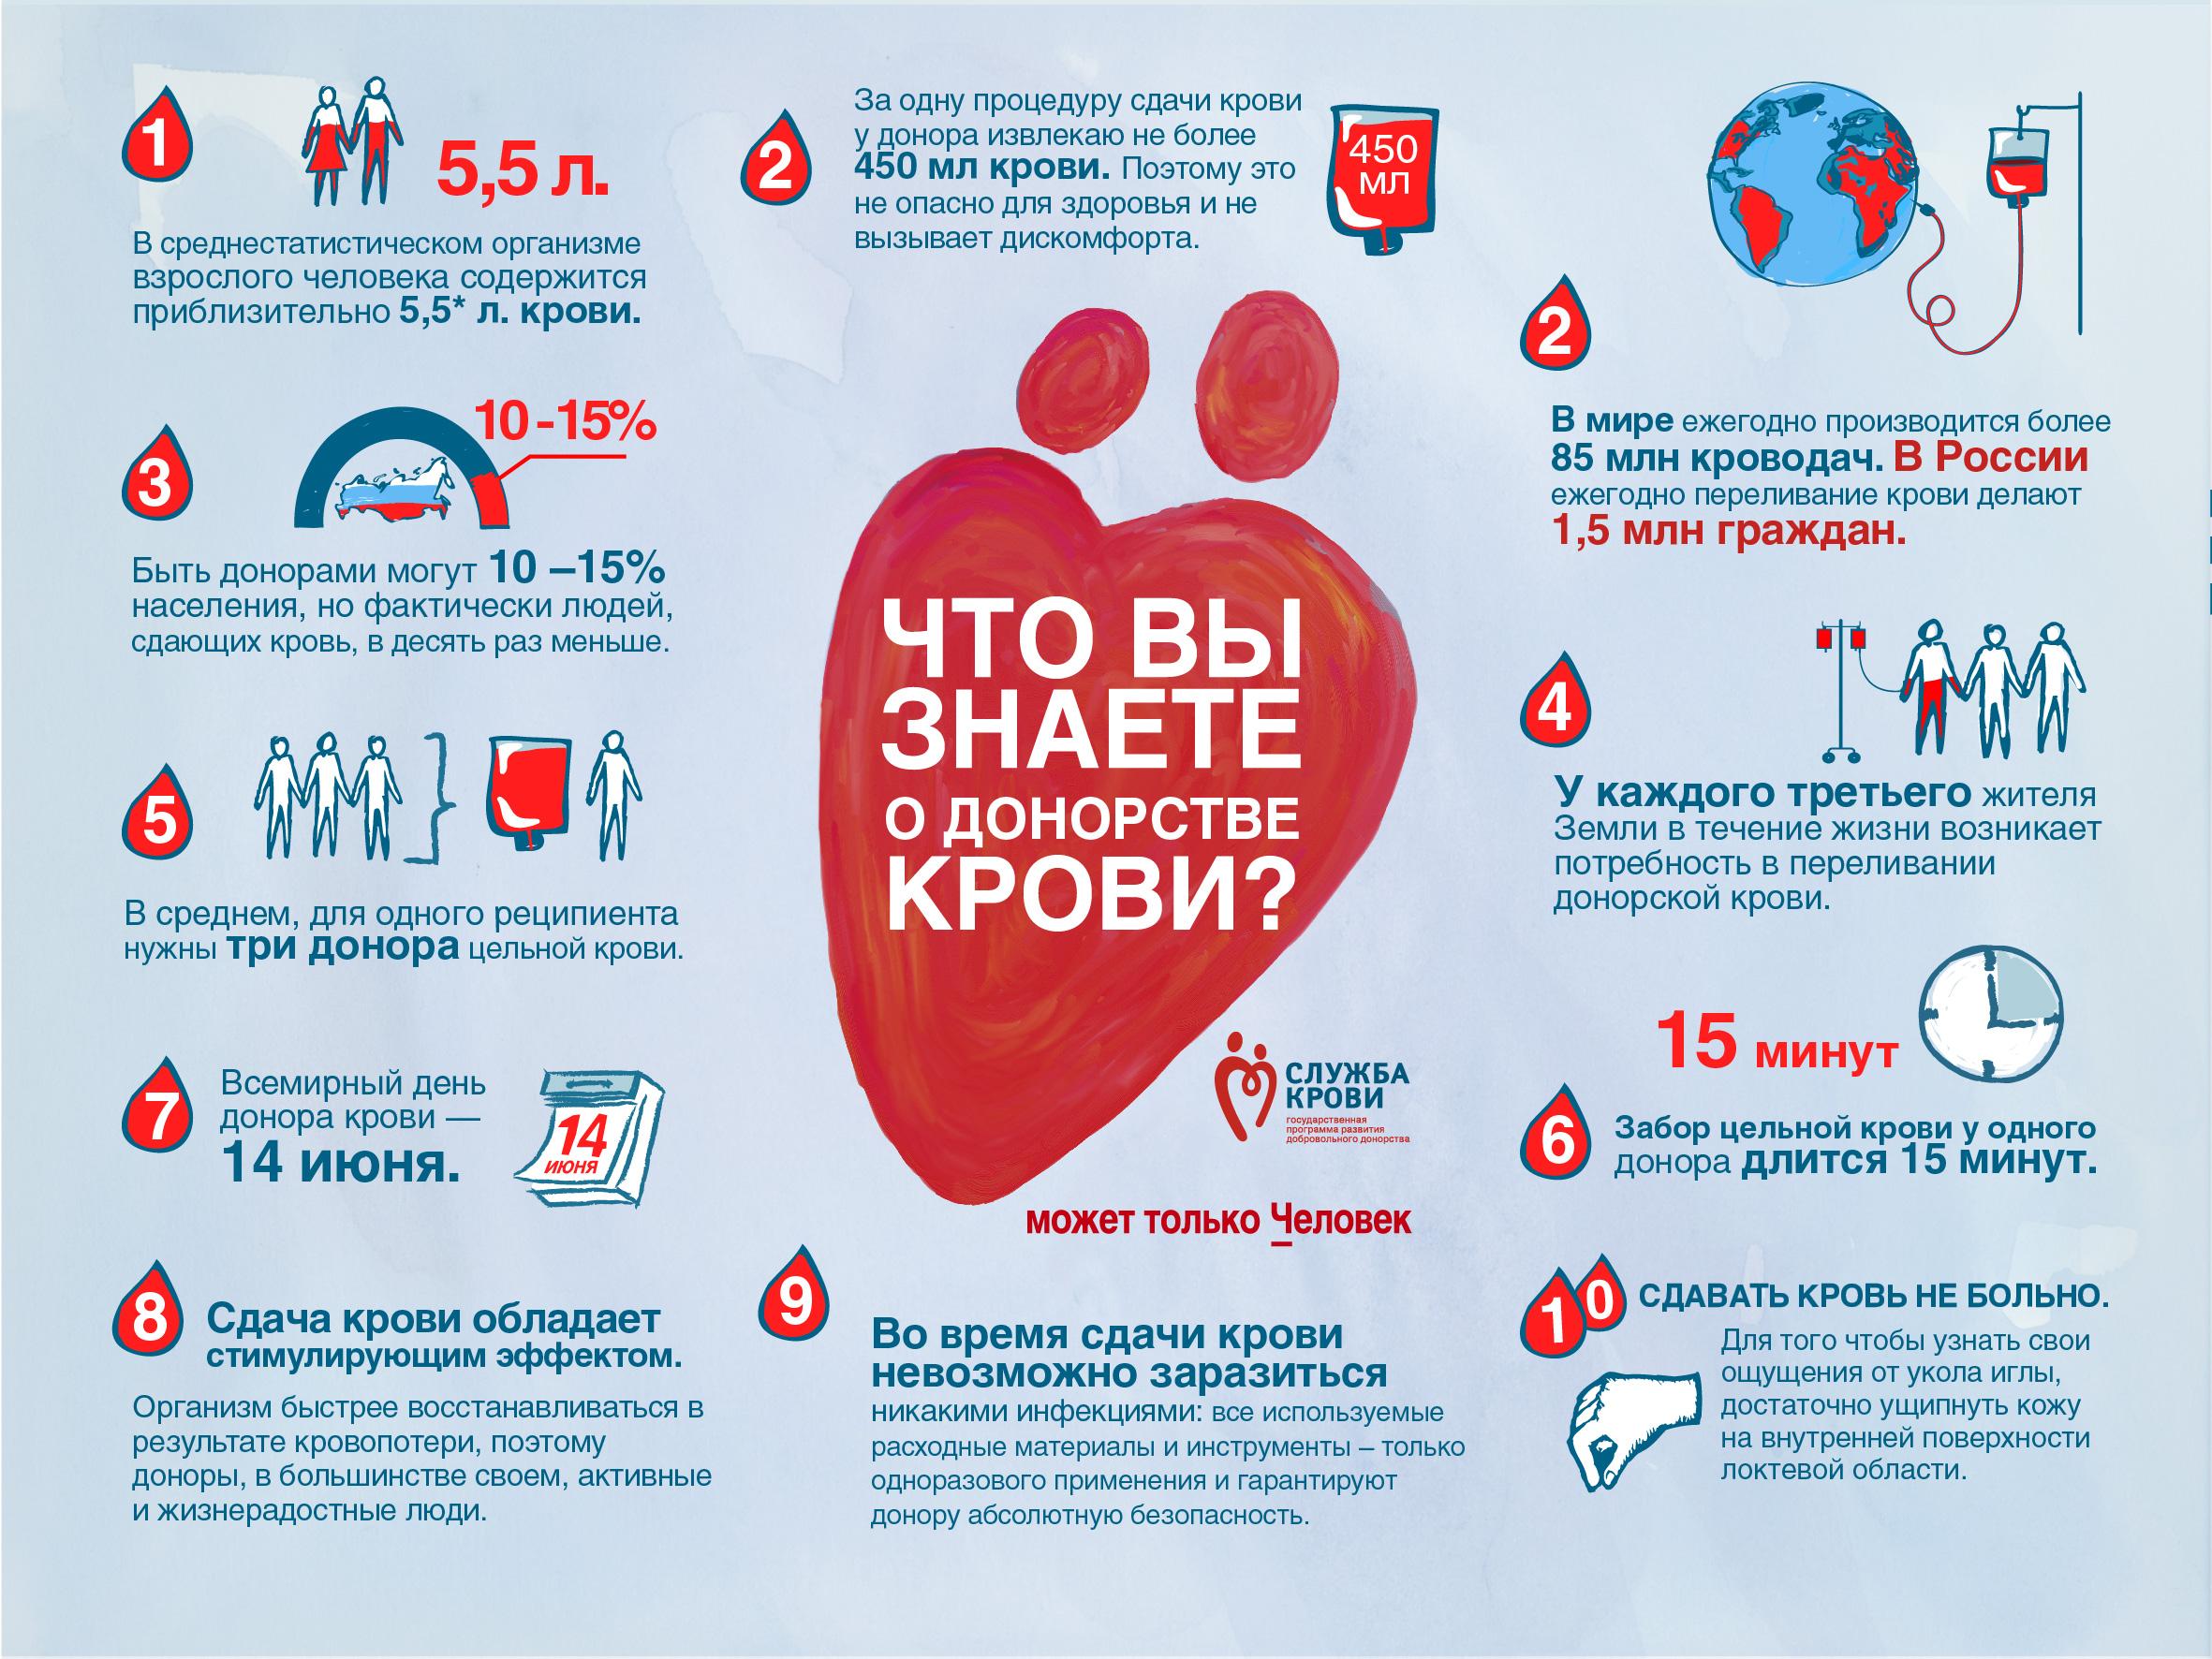 Какие анализы нужно сдать что бы быть донором крови